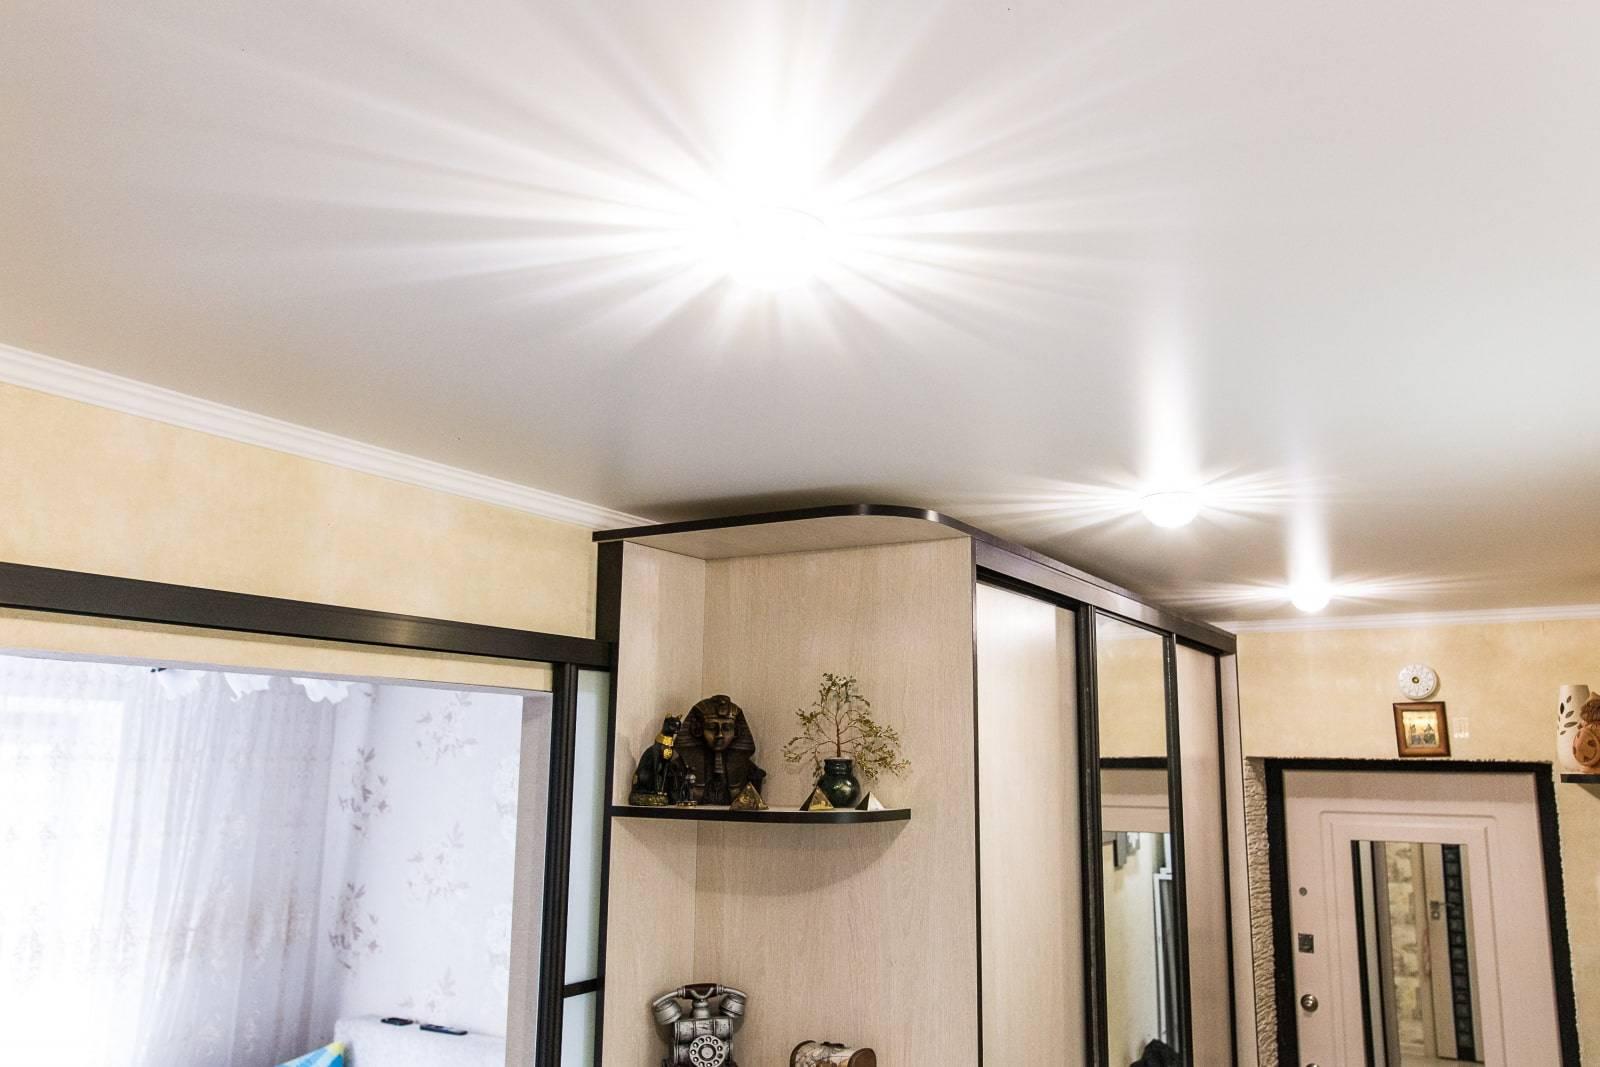 Светящийся потолок: как основное освещение, варианты оформления потолочного покрытия в коридоре